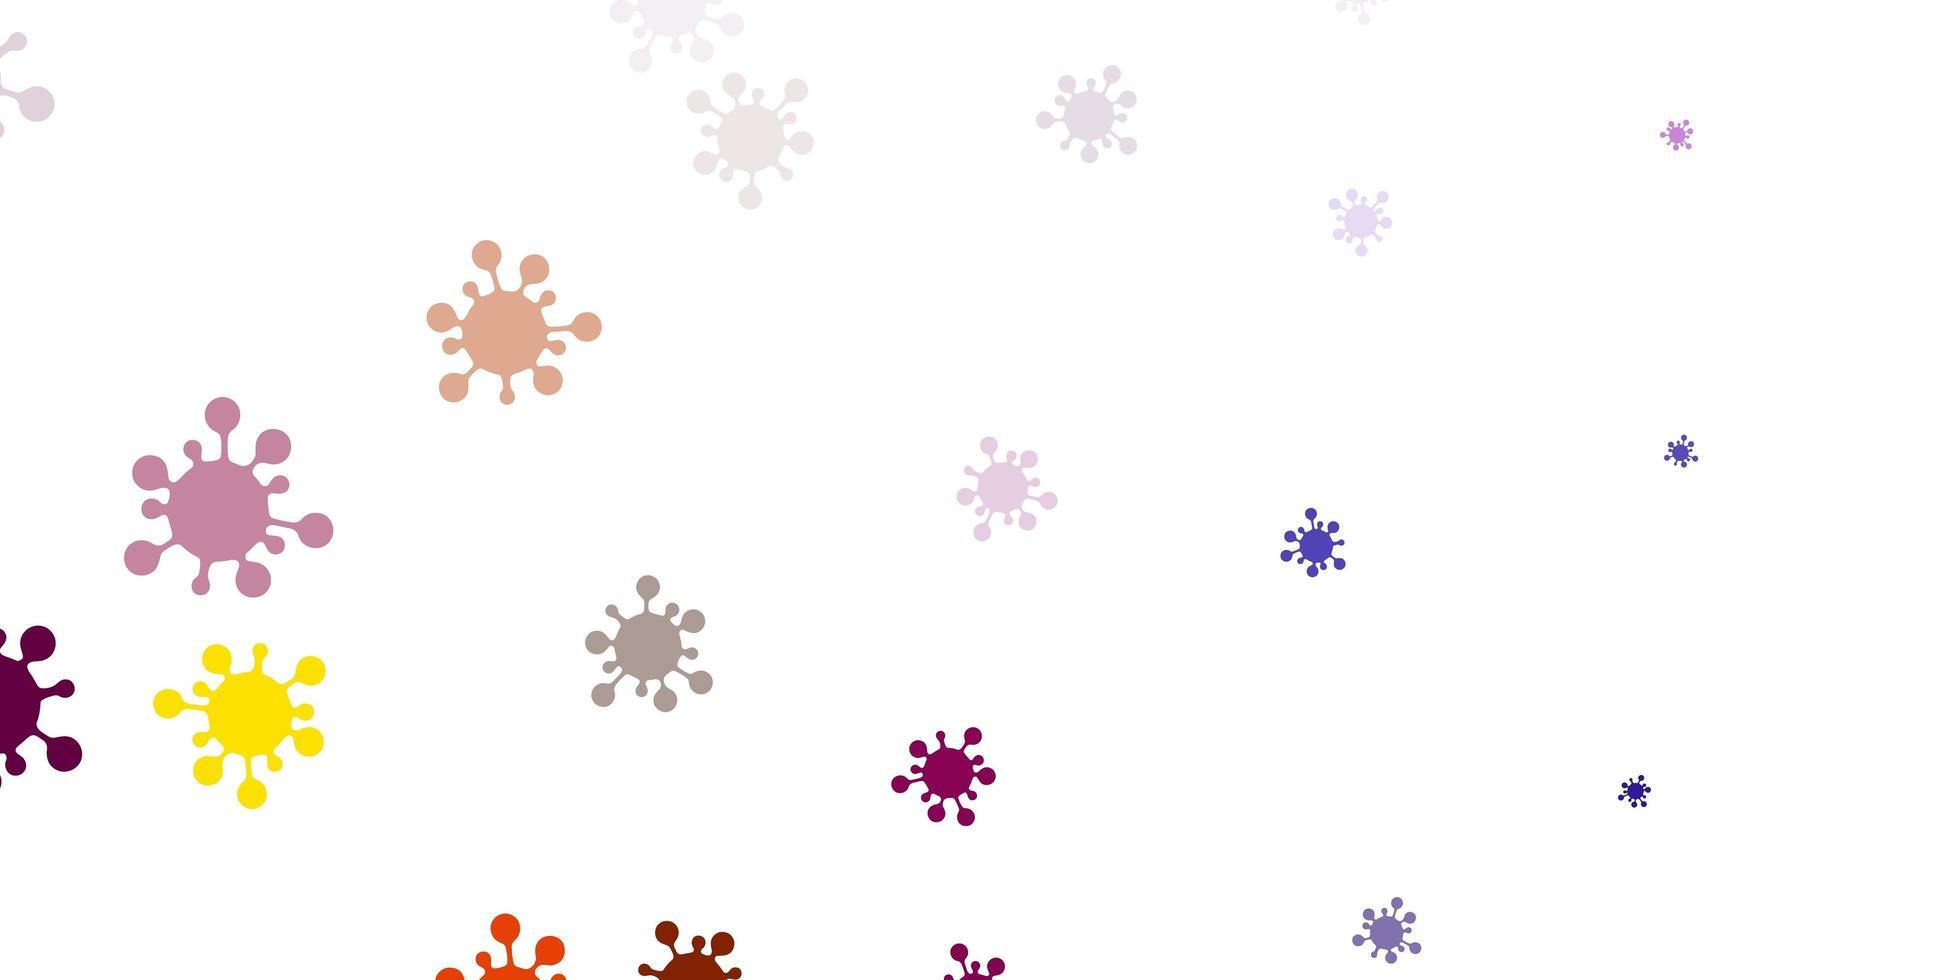 fond de vecteur rose clair, jaune avec symboles covid-19